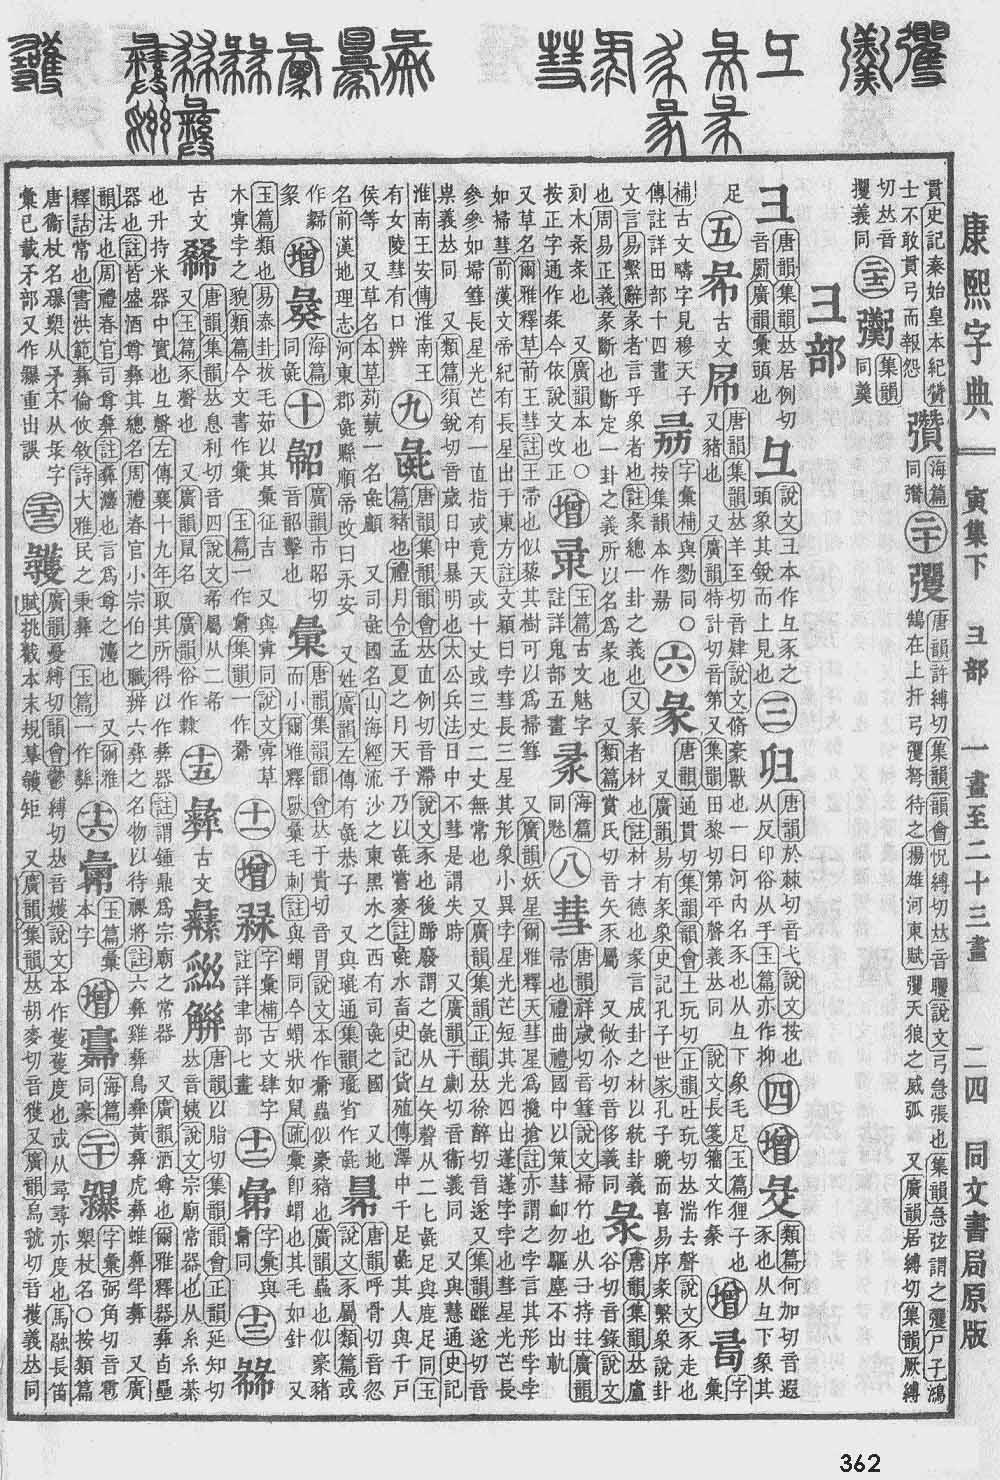 《康熙字典》第362页